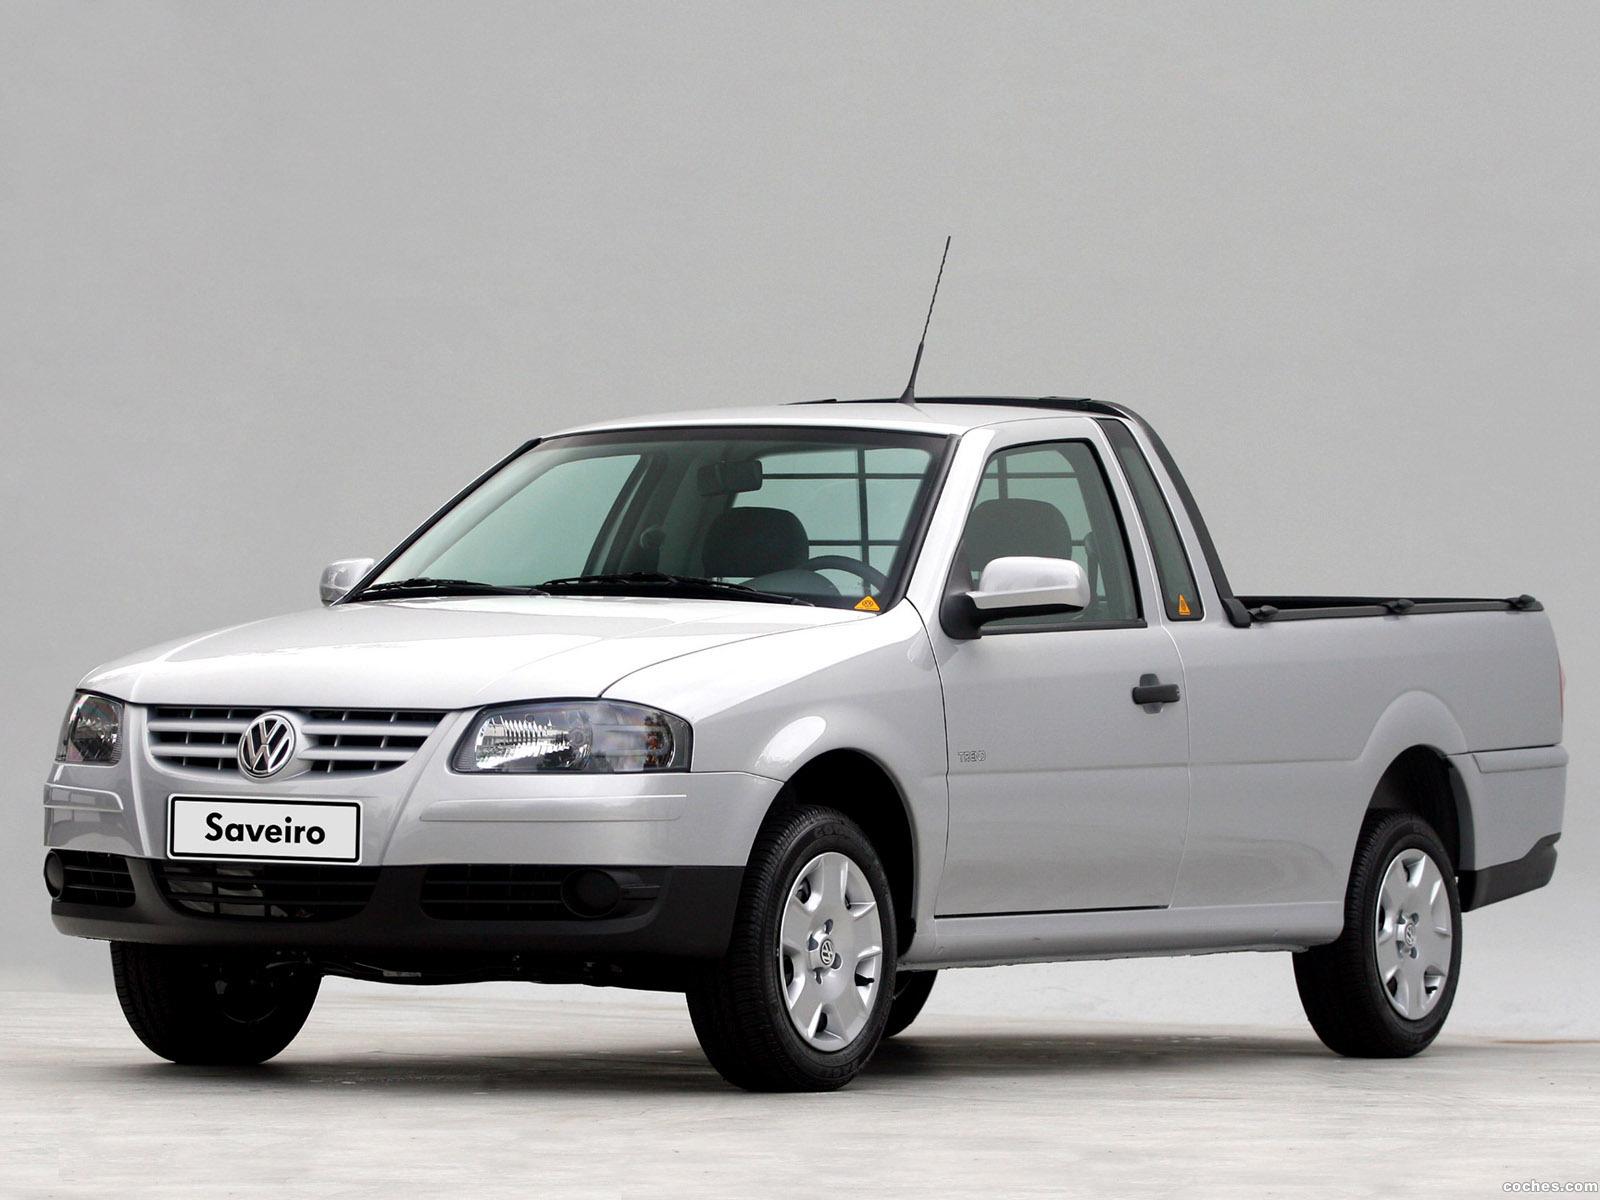 Foto 0 de Volkswagen Saveiro Trend IV 2008